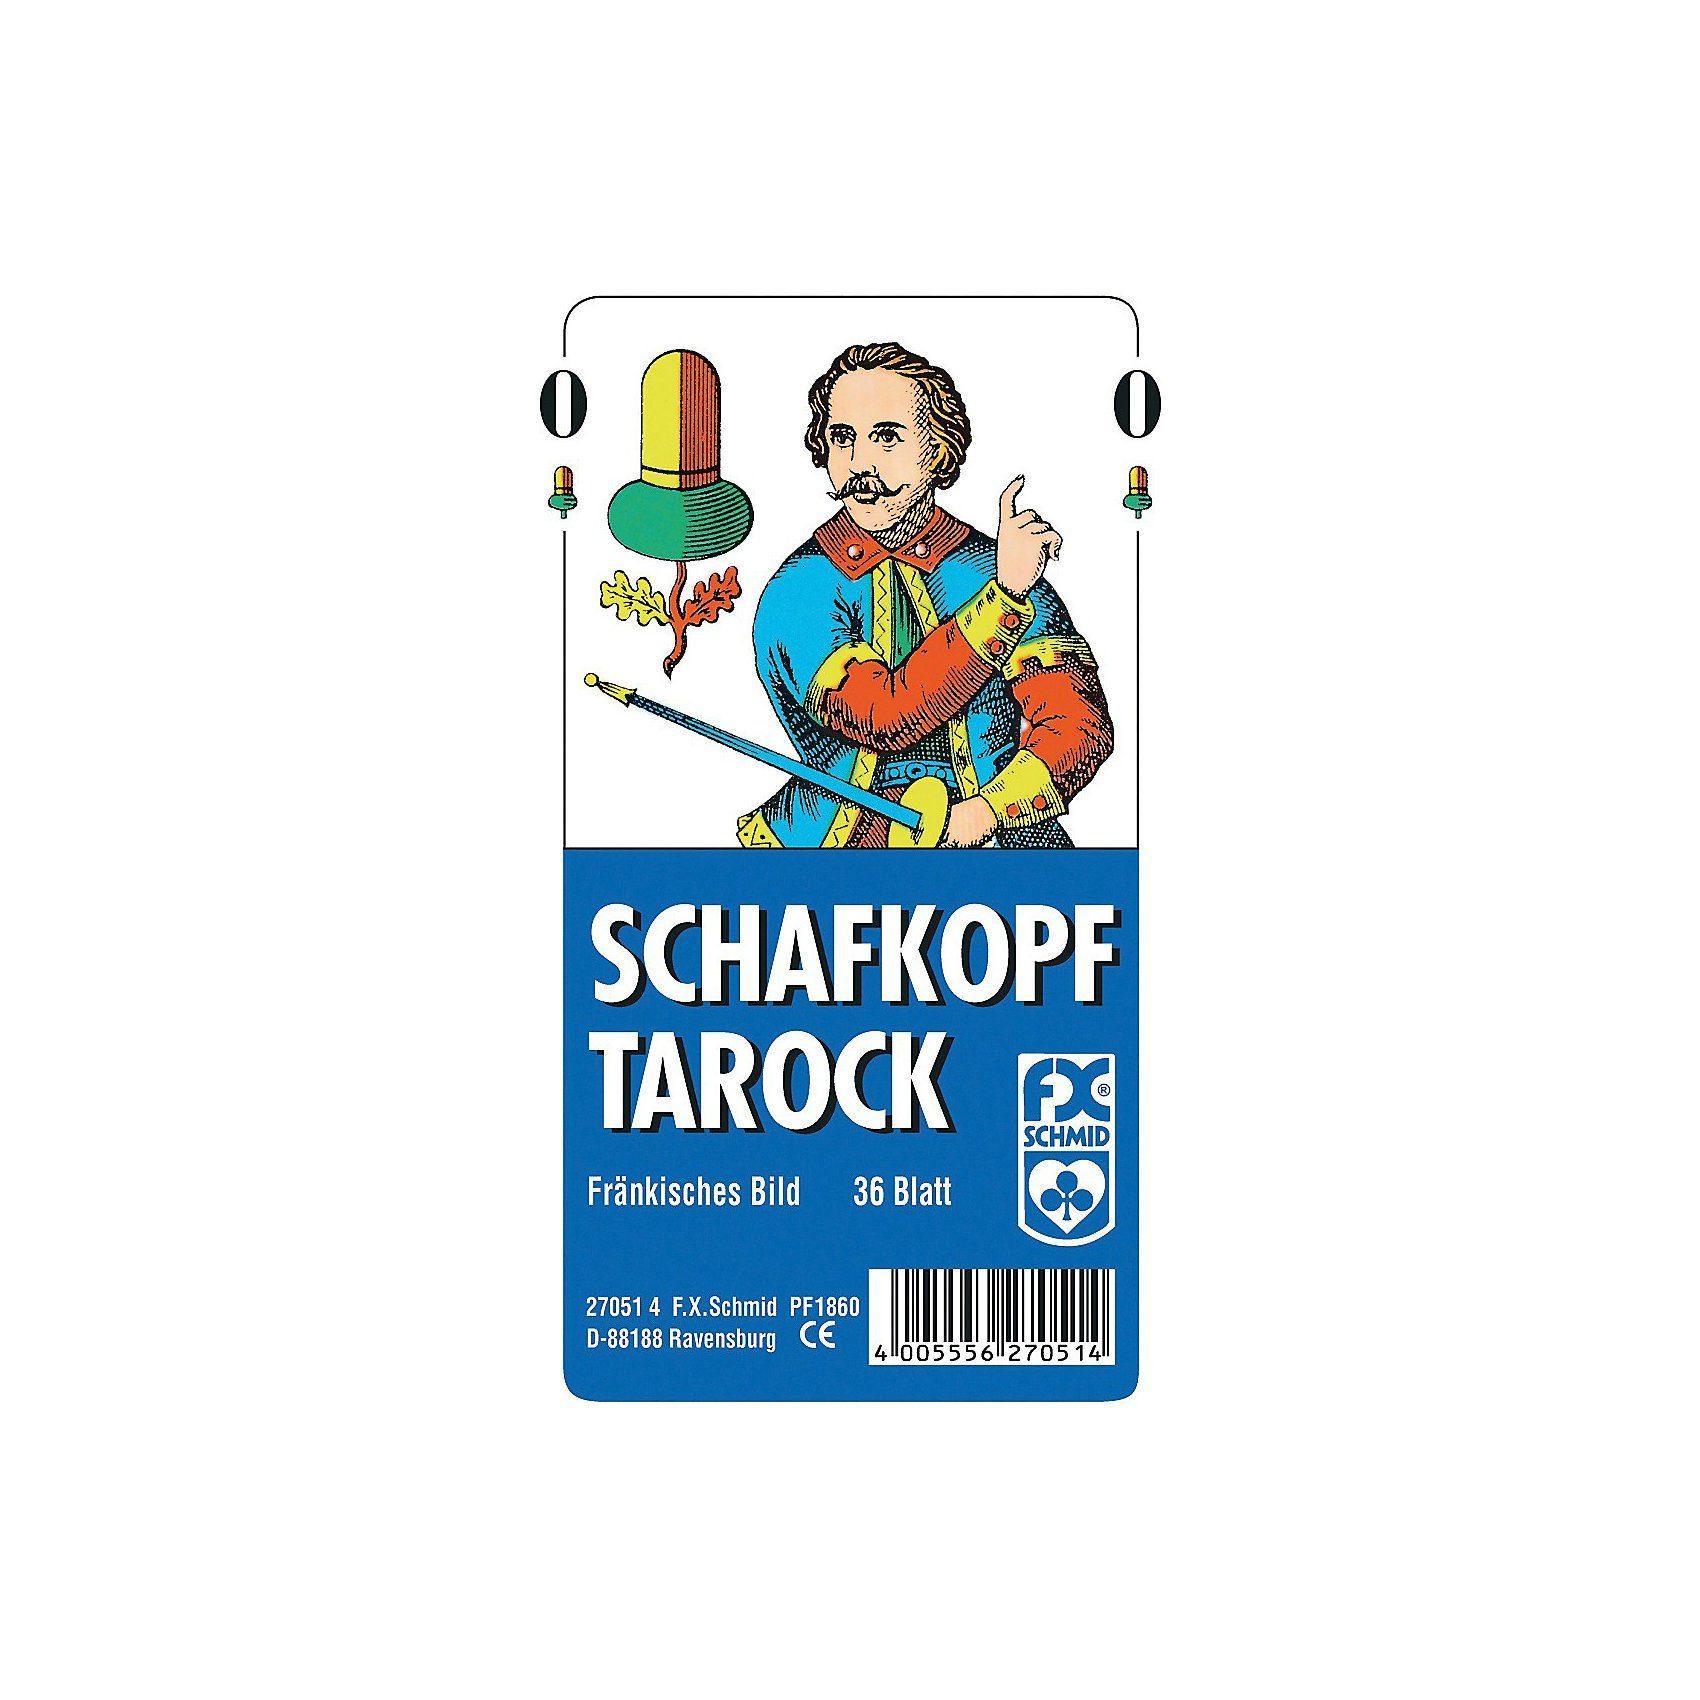 Ravensburger Schafkopf/Tarock, fränkisches Bild